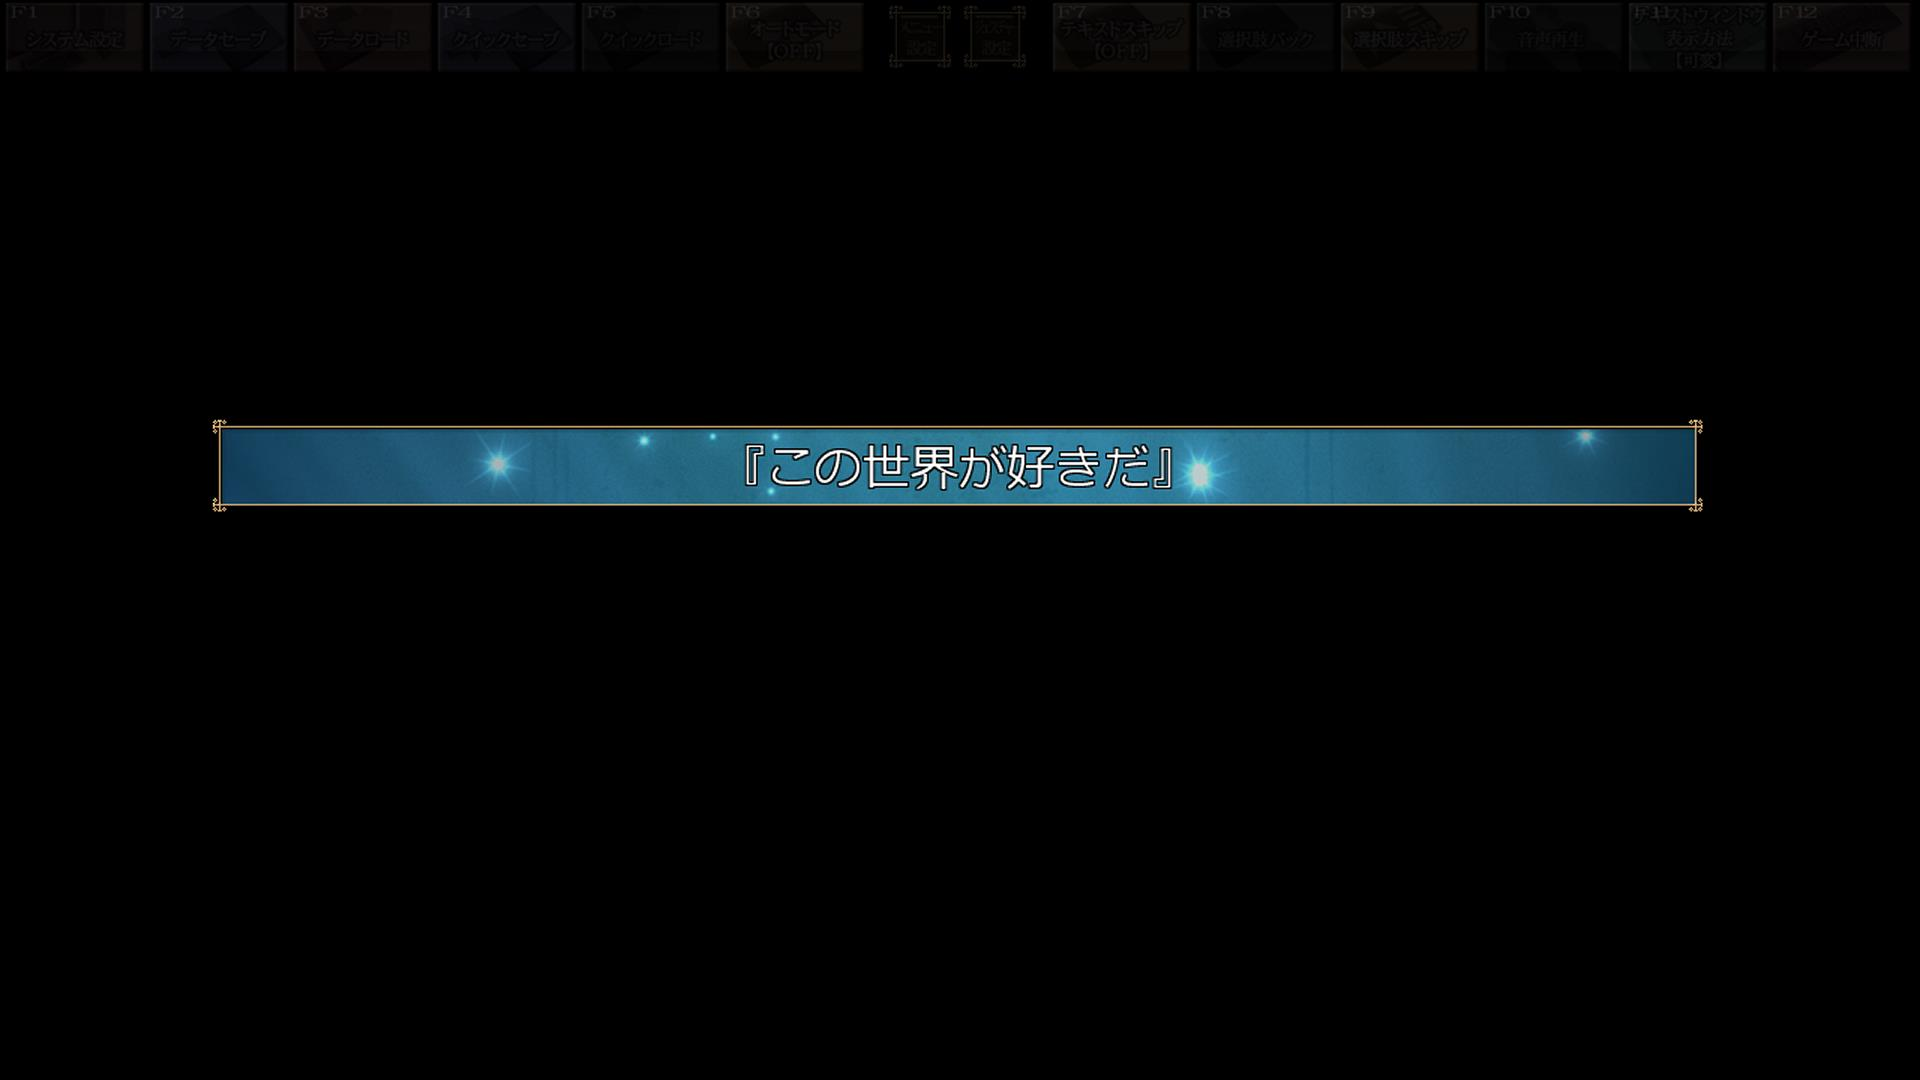 screeenshot-20200729225943689.jpg